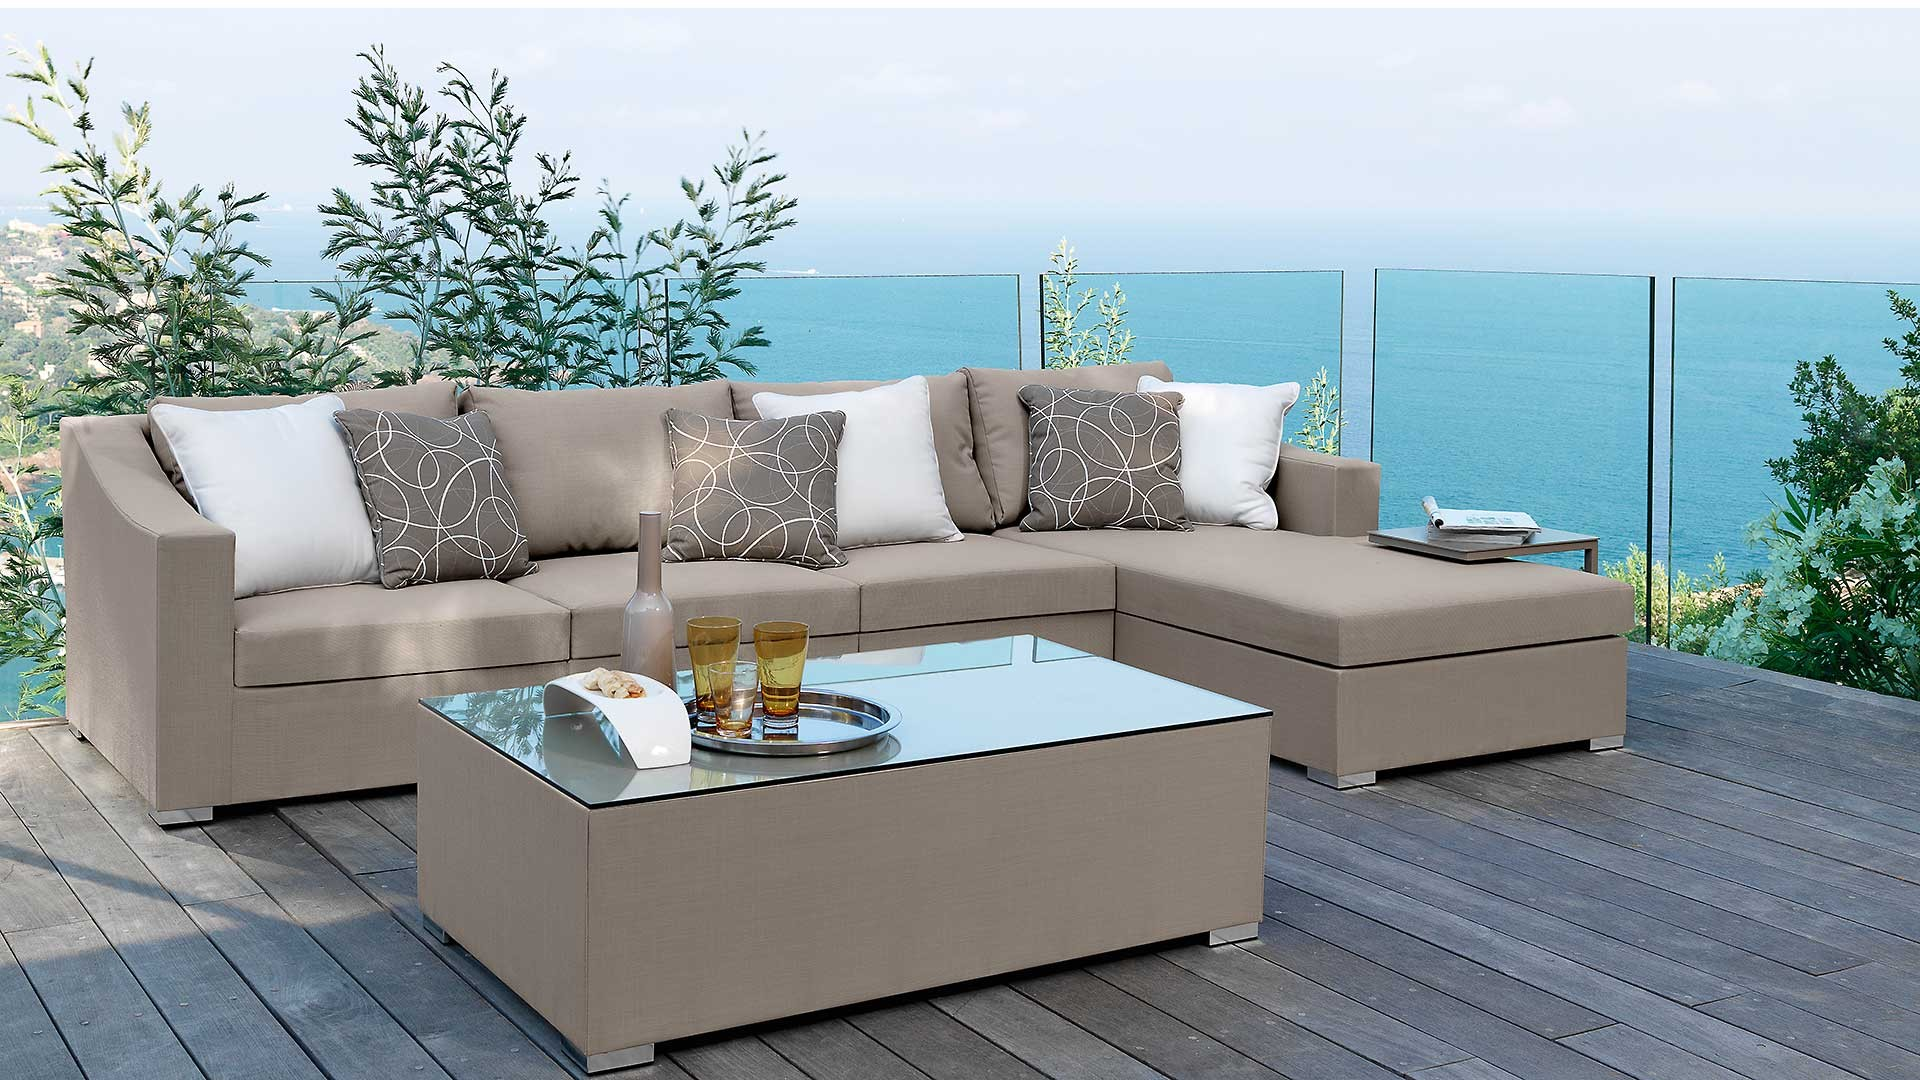 August sectional modular sofa stile couture outdoor for Sofas para terrazas